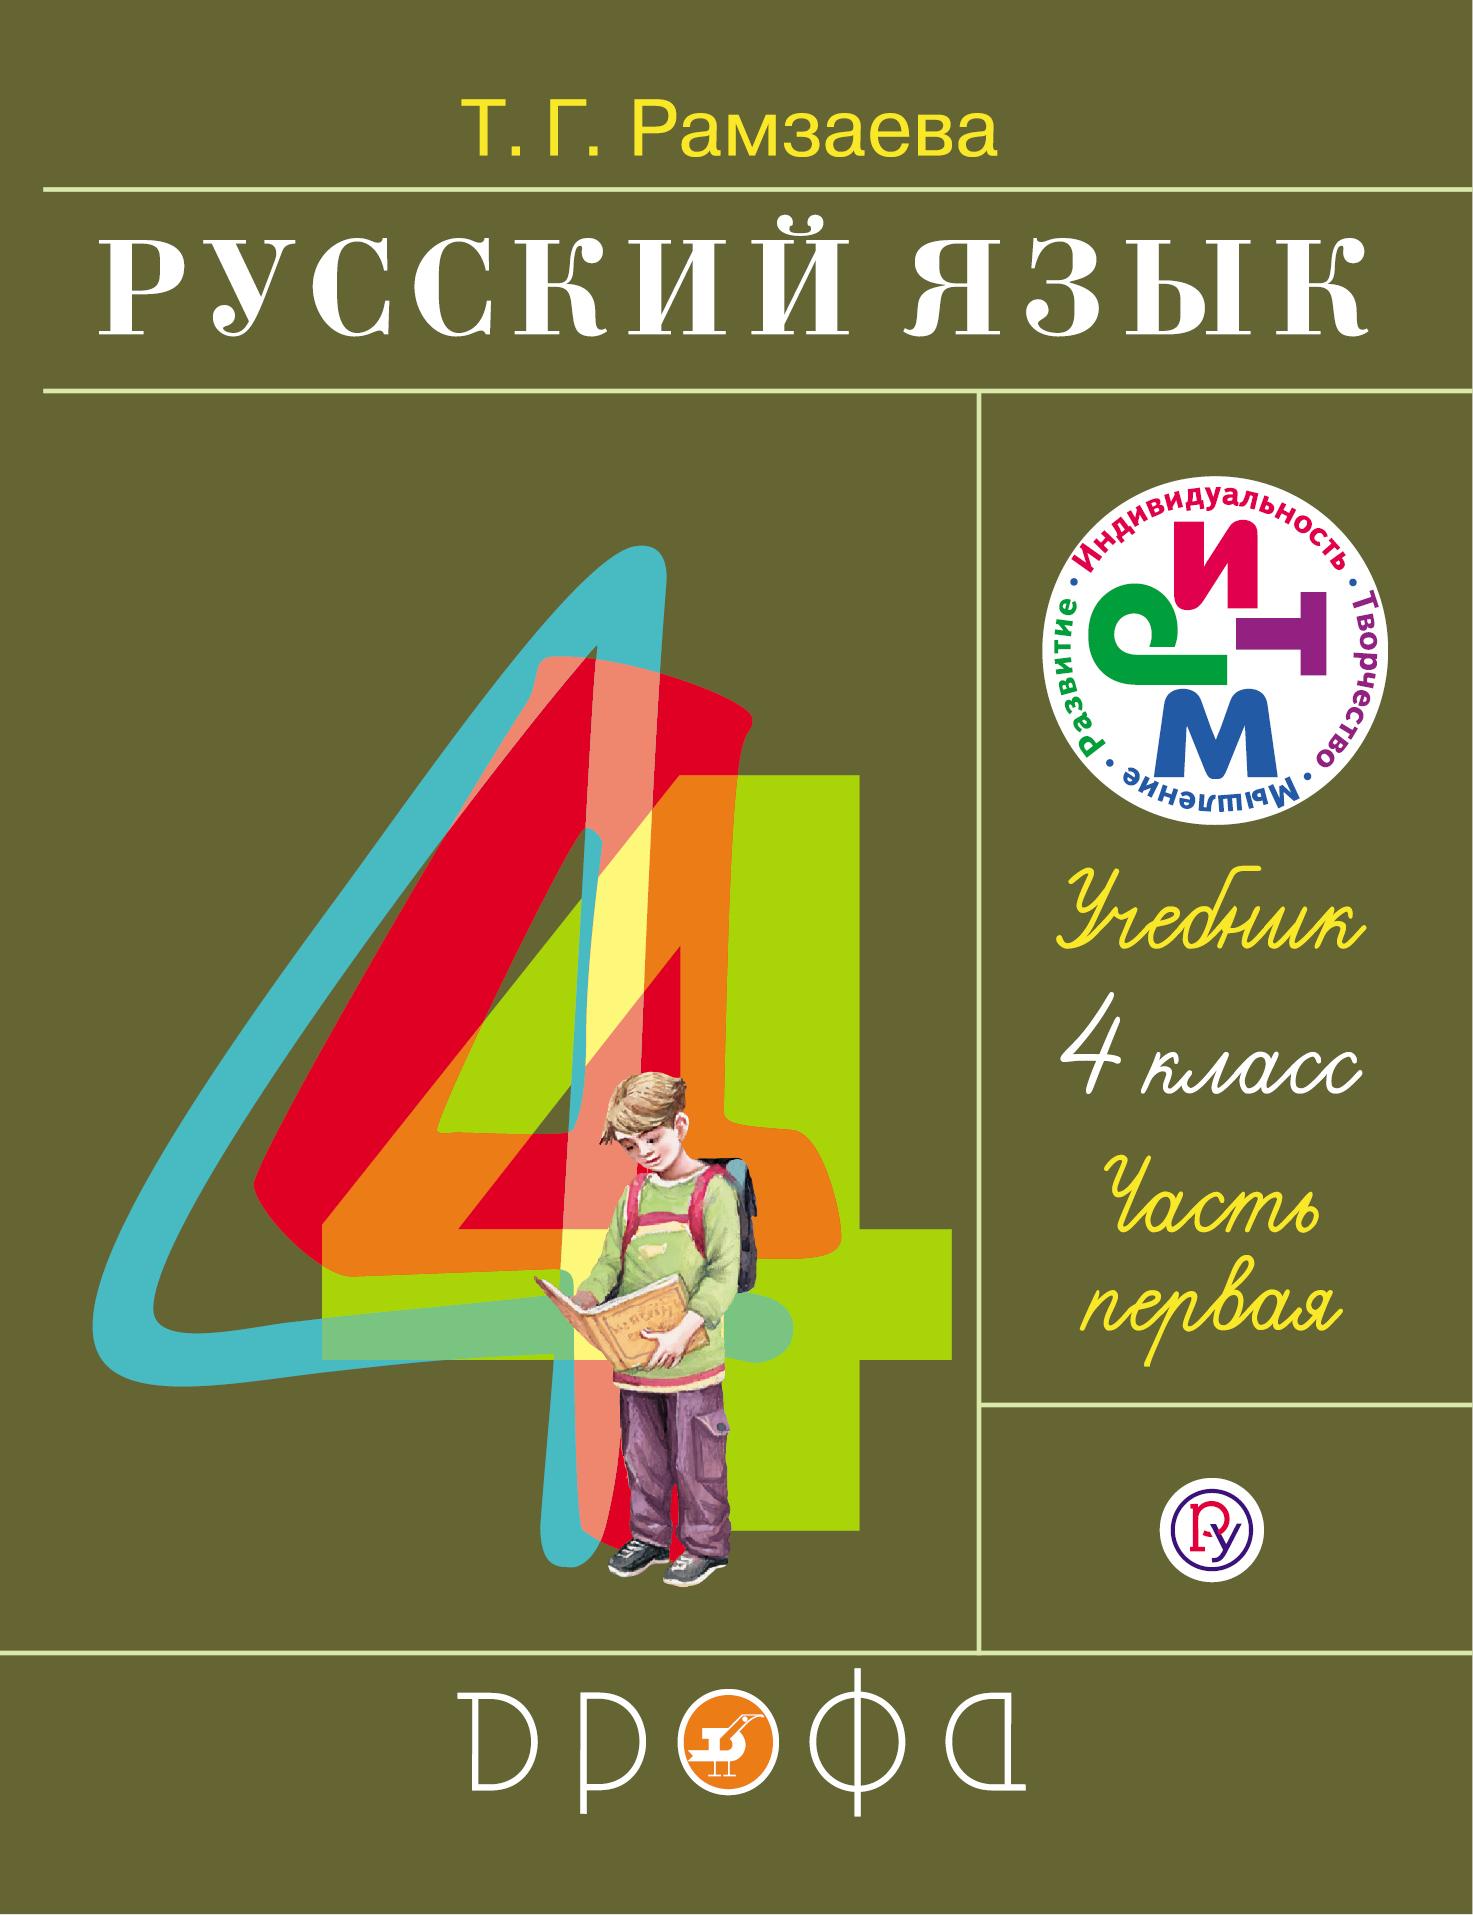 Рамзаева Т.Г. Русский язык. 4 класс. Учебник.Часть 1